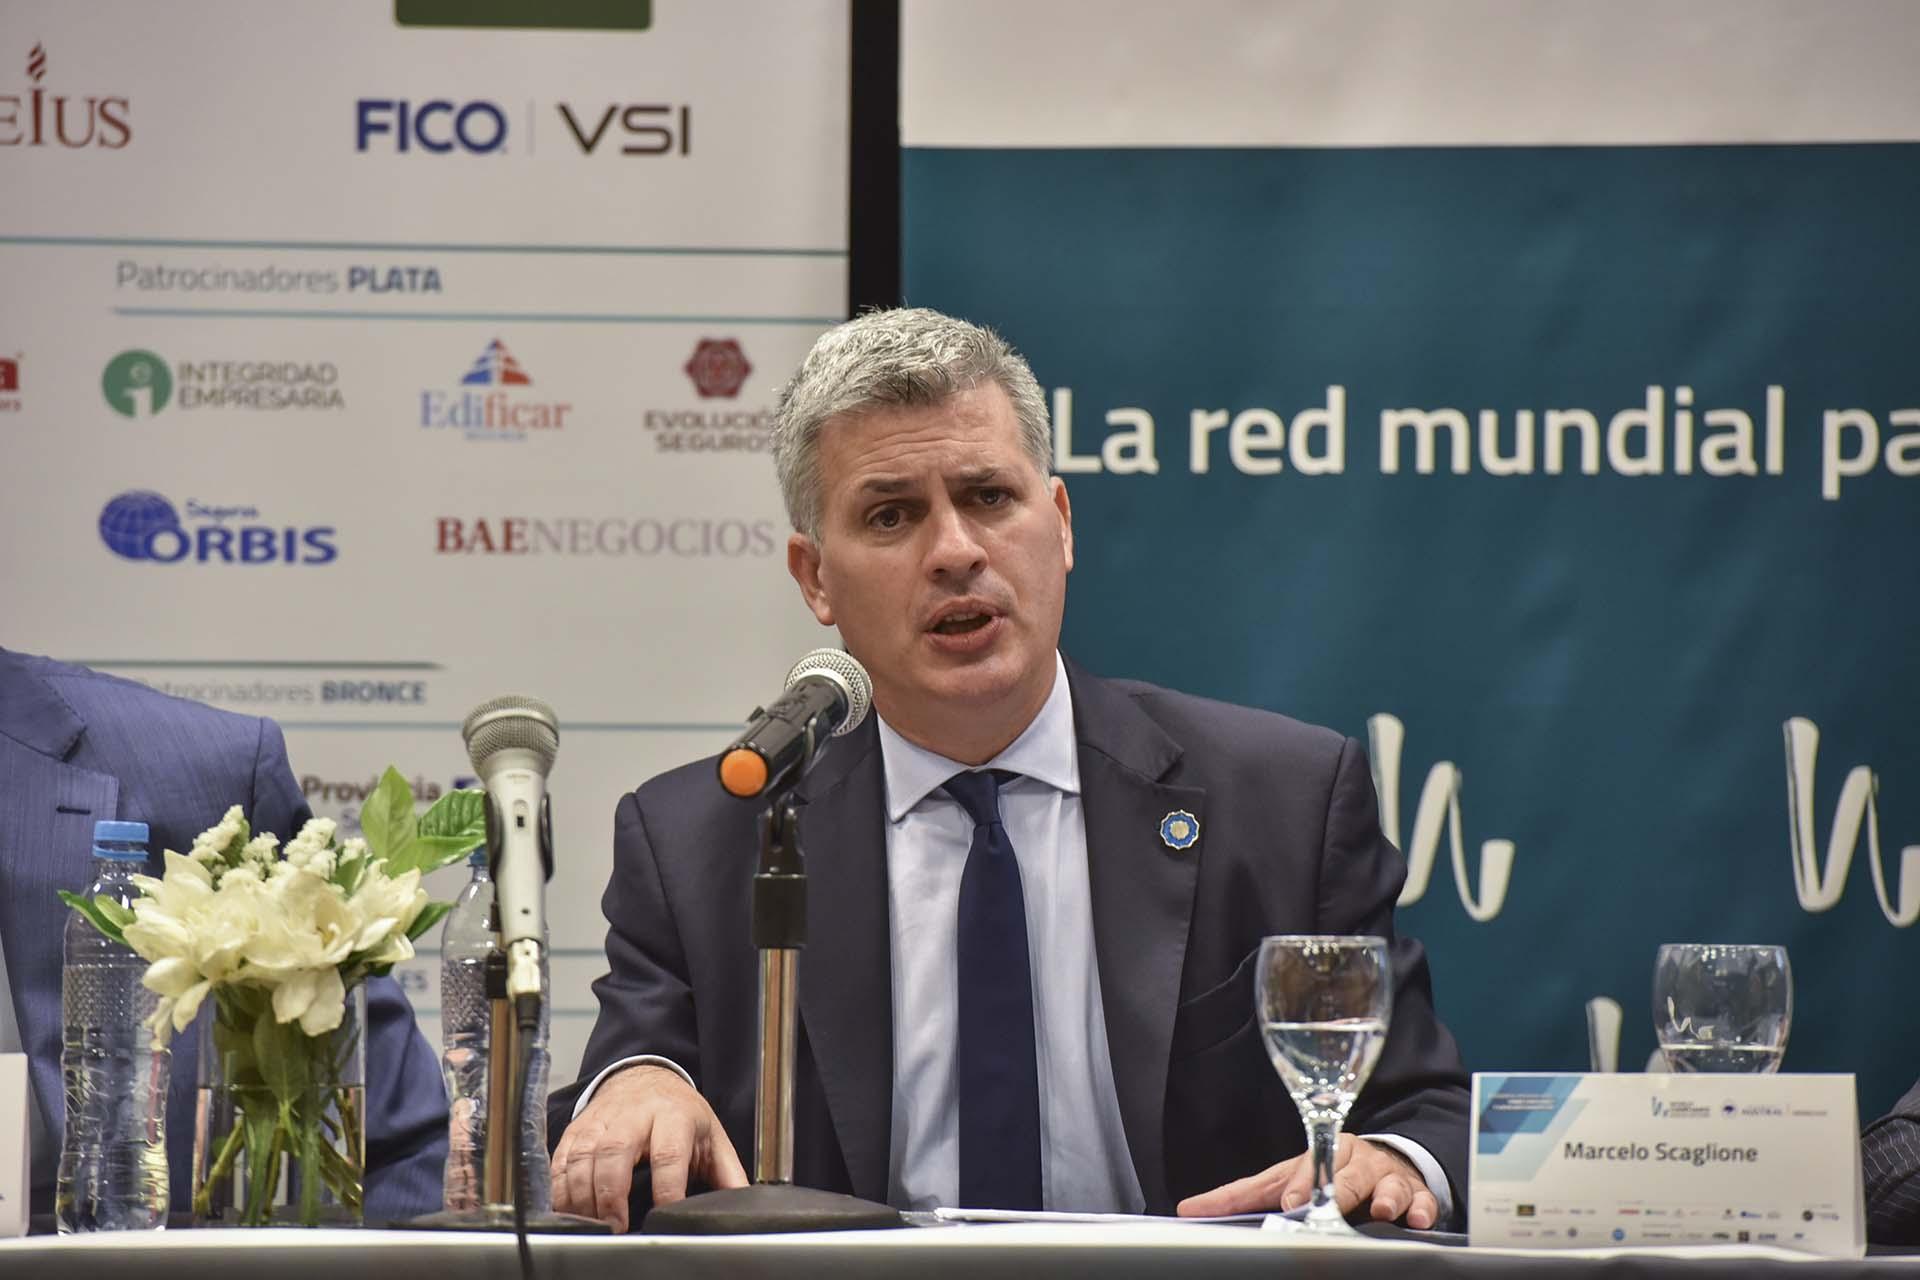 Marcelo Scaglione, subsecretario del Ministerio de Hacienda y representante argentino ante la OCDE